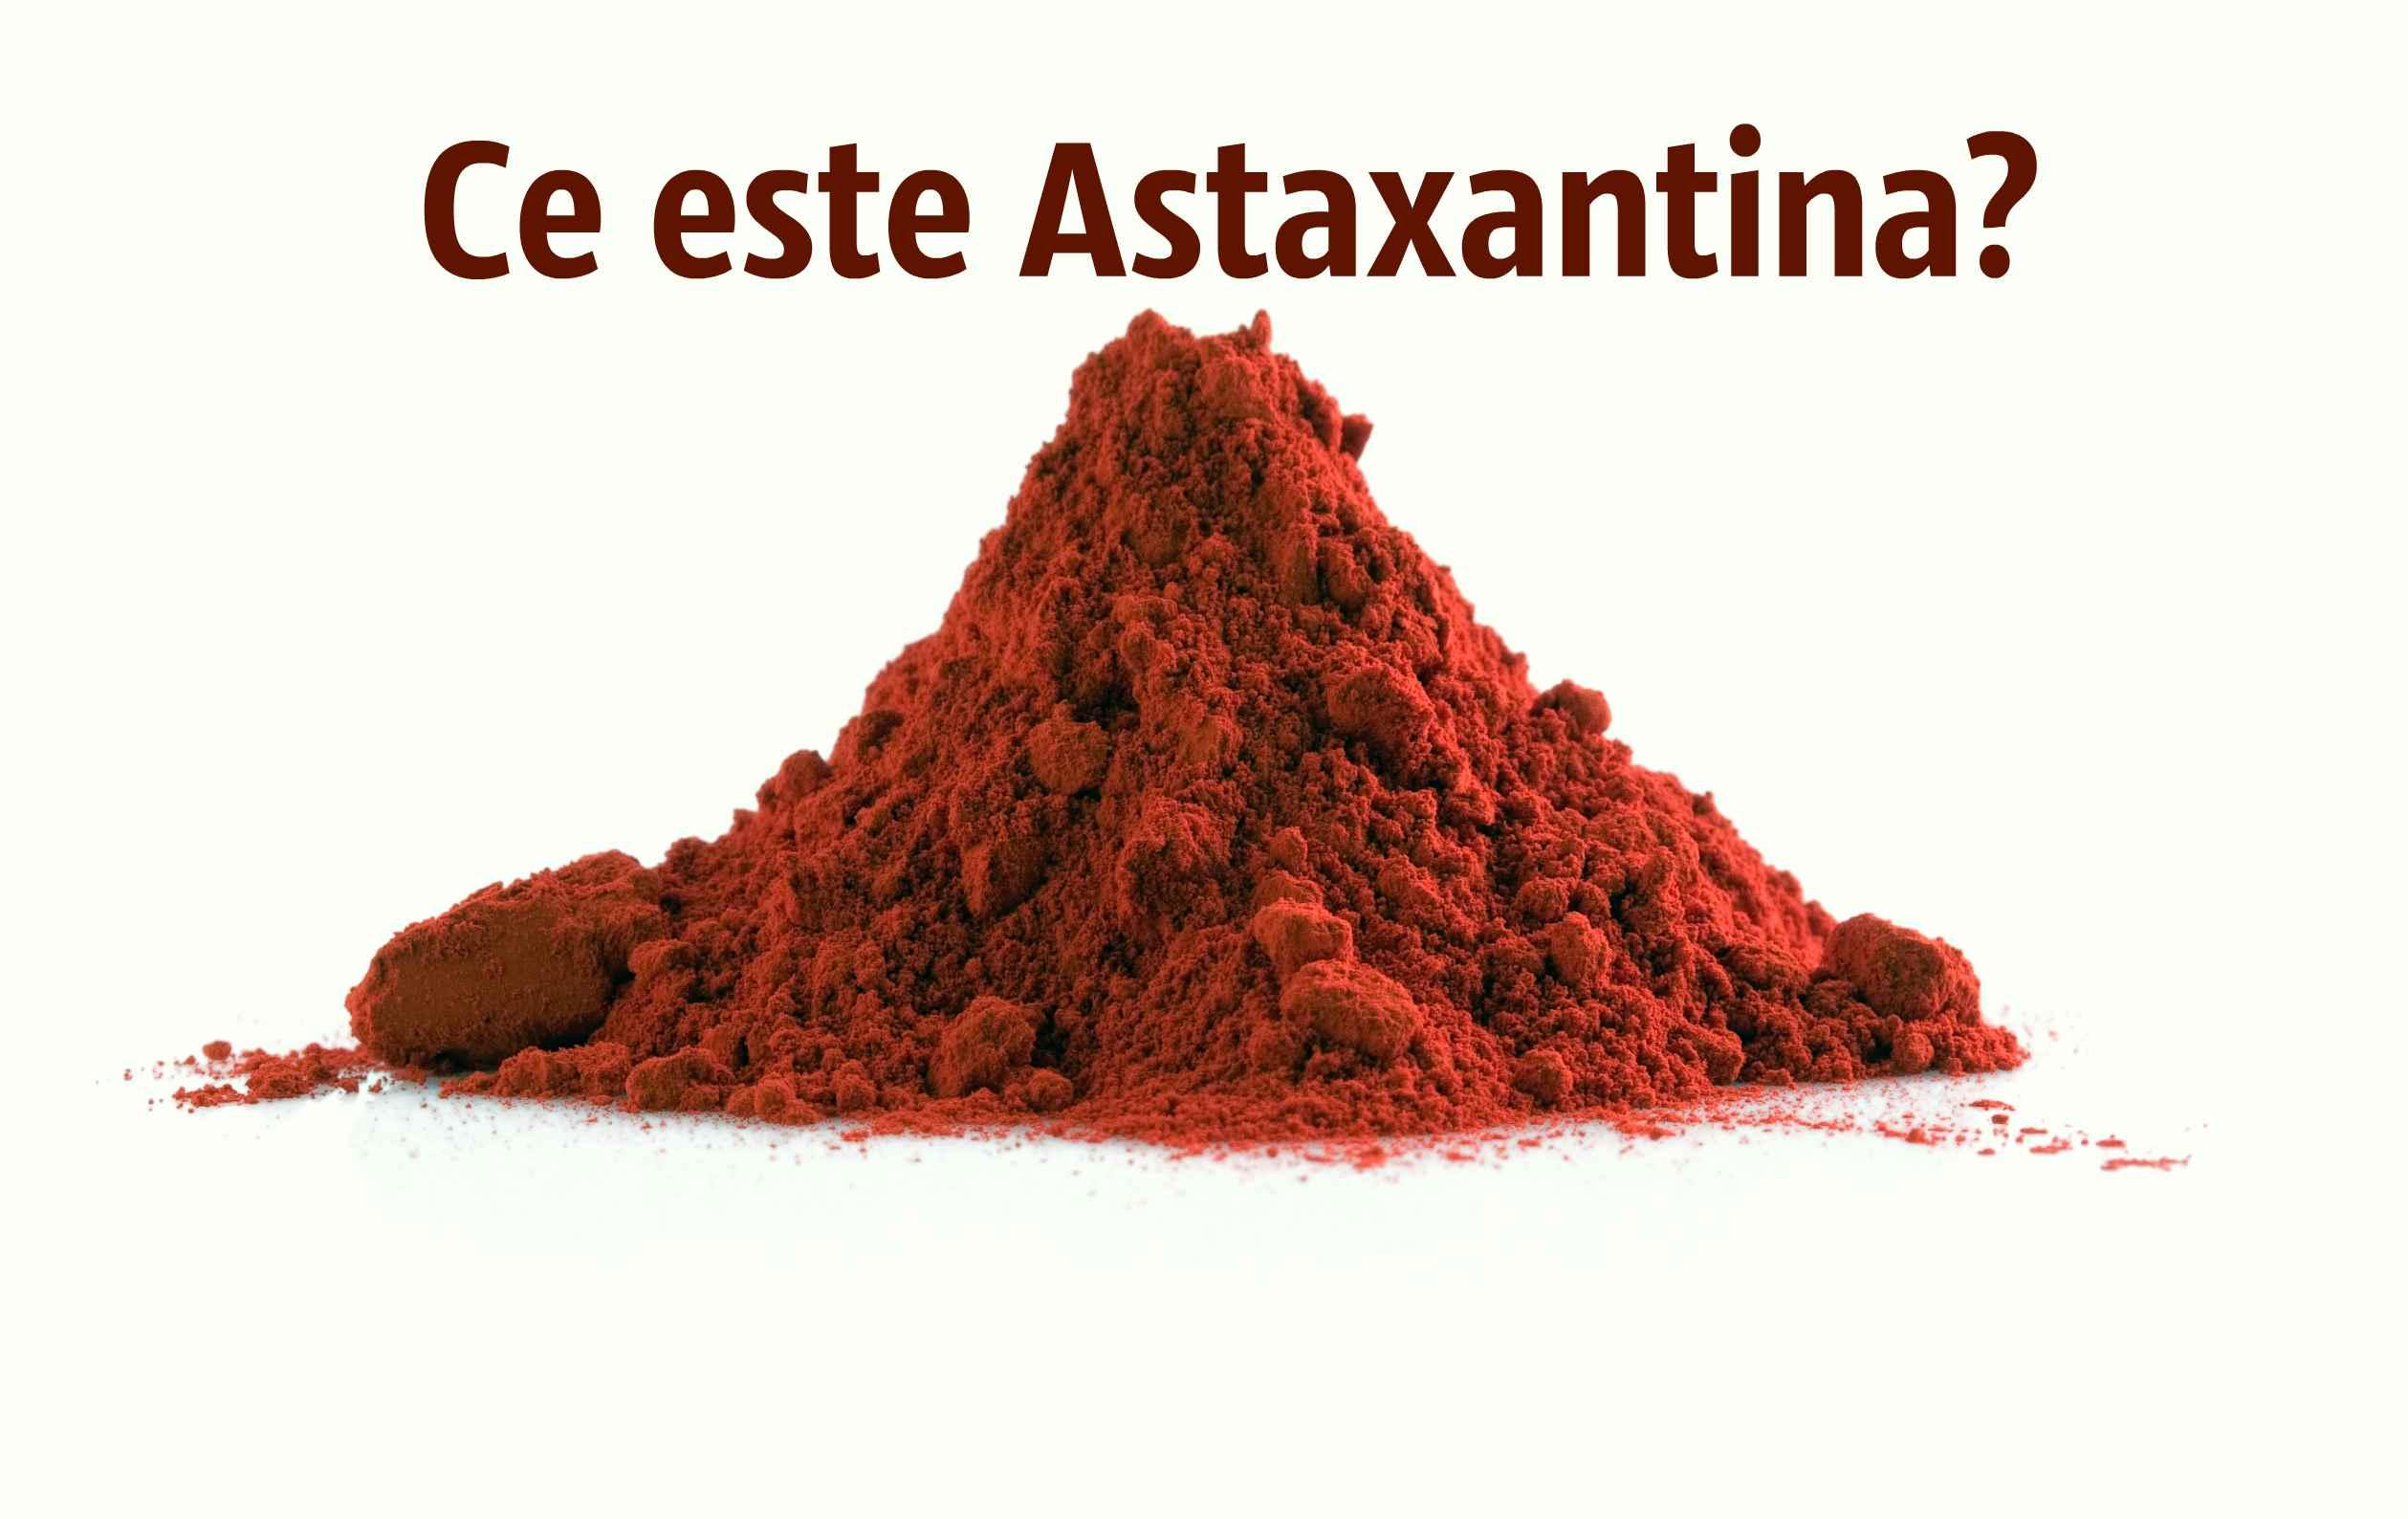 Ce este Astaxantina